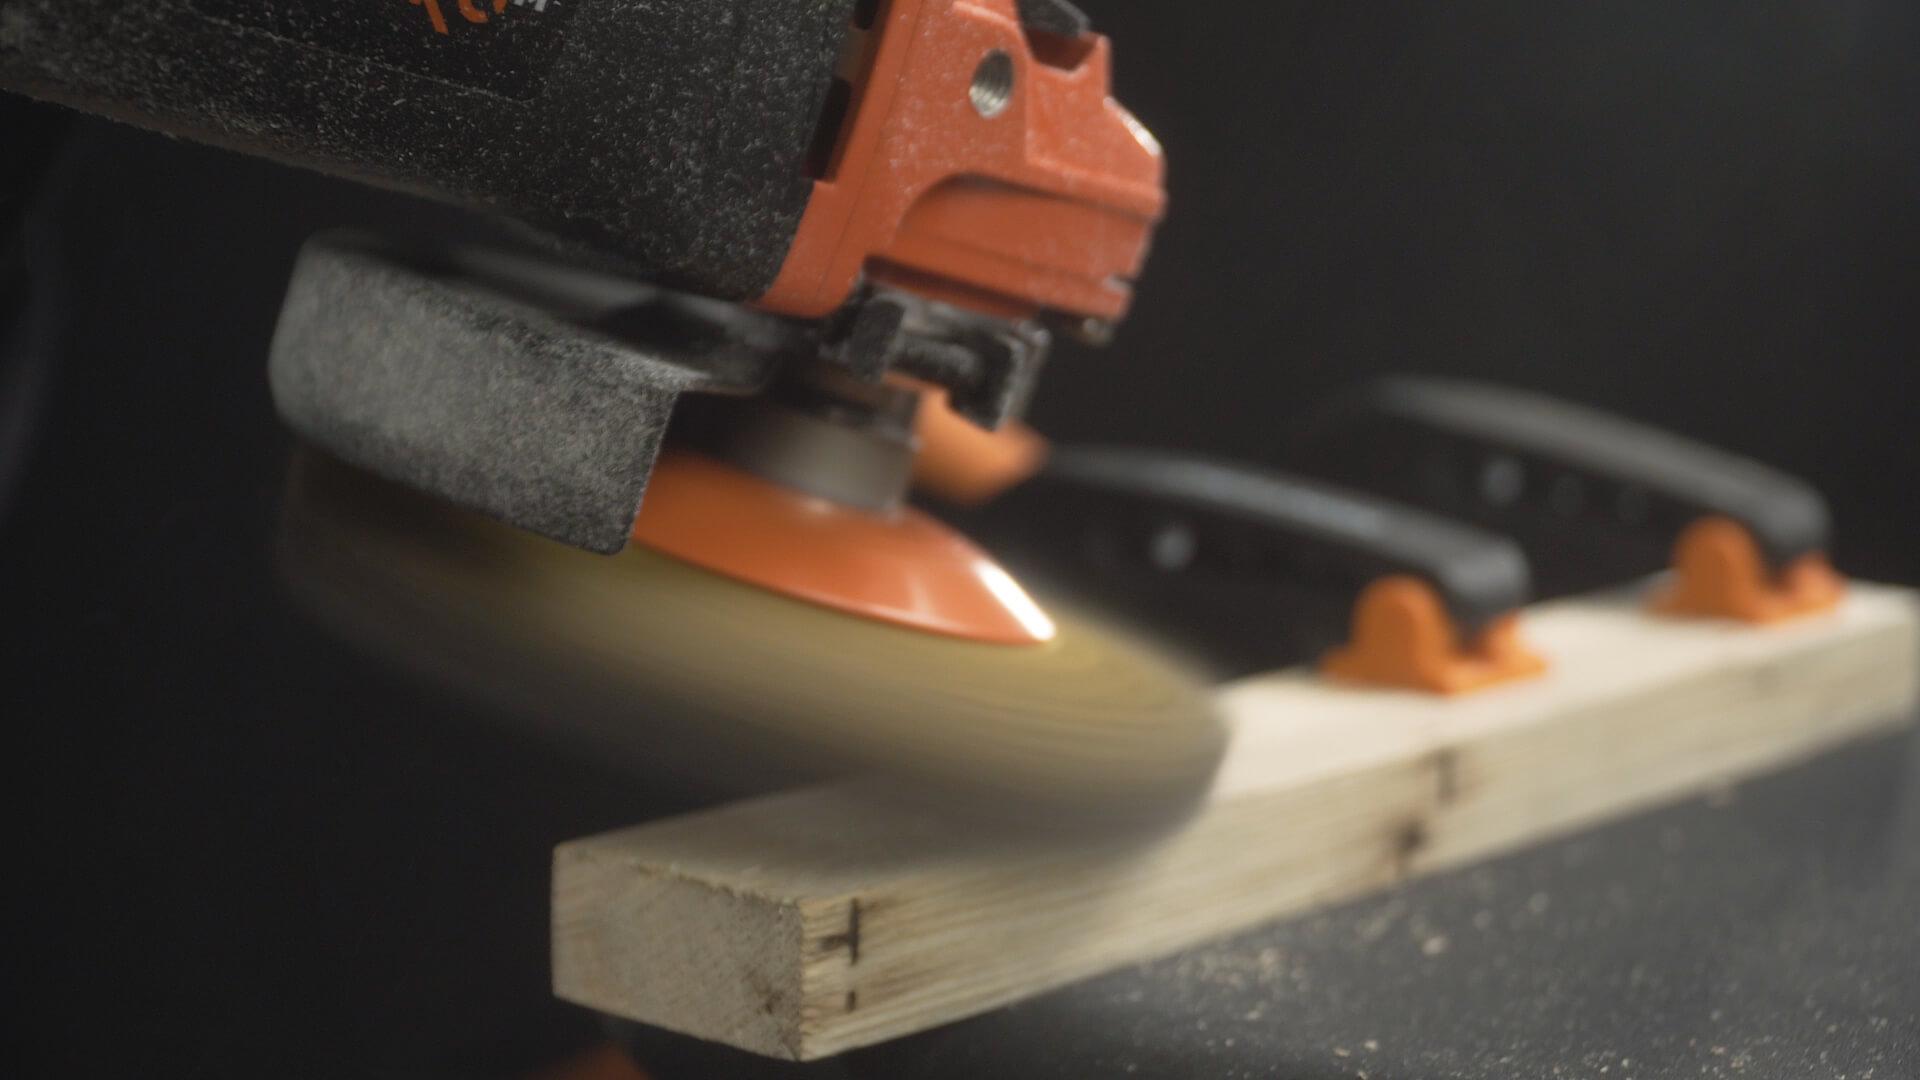 Фото-инструкция по изготовлению подноса своими руками - Шаг 7